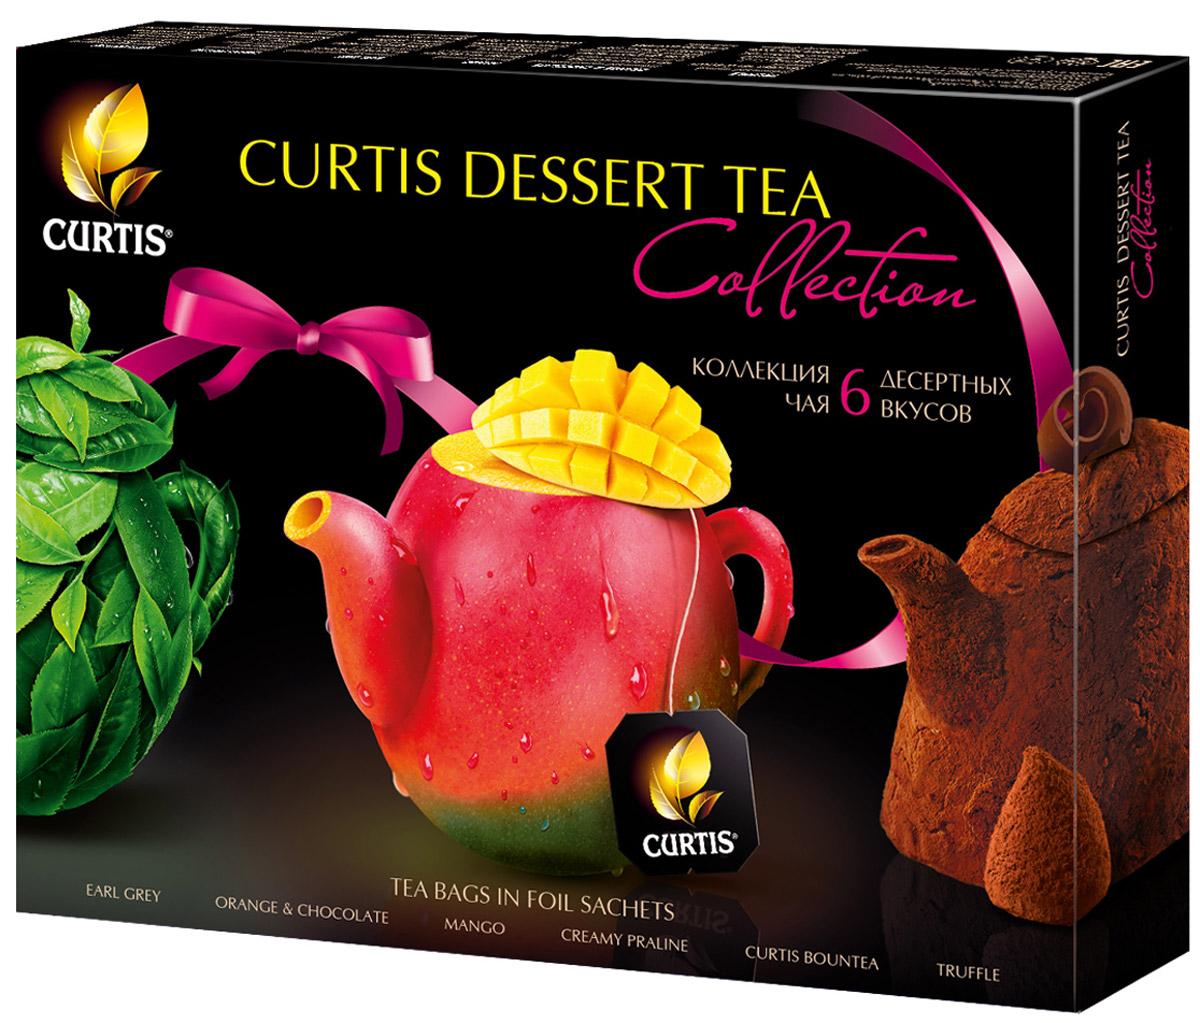 Curtis Dessert Tea Collection чайное ассорти, 30 шт514375Curtis Dessert Tea Collection - коллекция чая с десертными вкусами. Сочетание великолепного чая и вкусов знаменитых десертов рождает новую изысканную форму удовольствия. Утонченные ароматы и соблазнительные вкусы: шоколадный, фруктовый, карамельный и т.д.Уважаемые клиенты! Обращаем ваше внимание на то, что упаковка может иметь несколько видов дизайна. Поставка осуществляется в зависимости от наличия на складе.